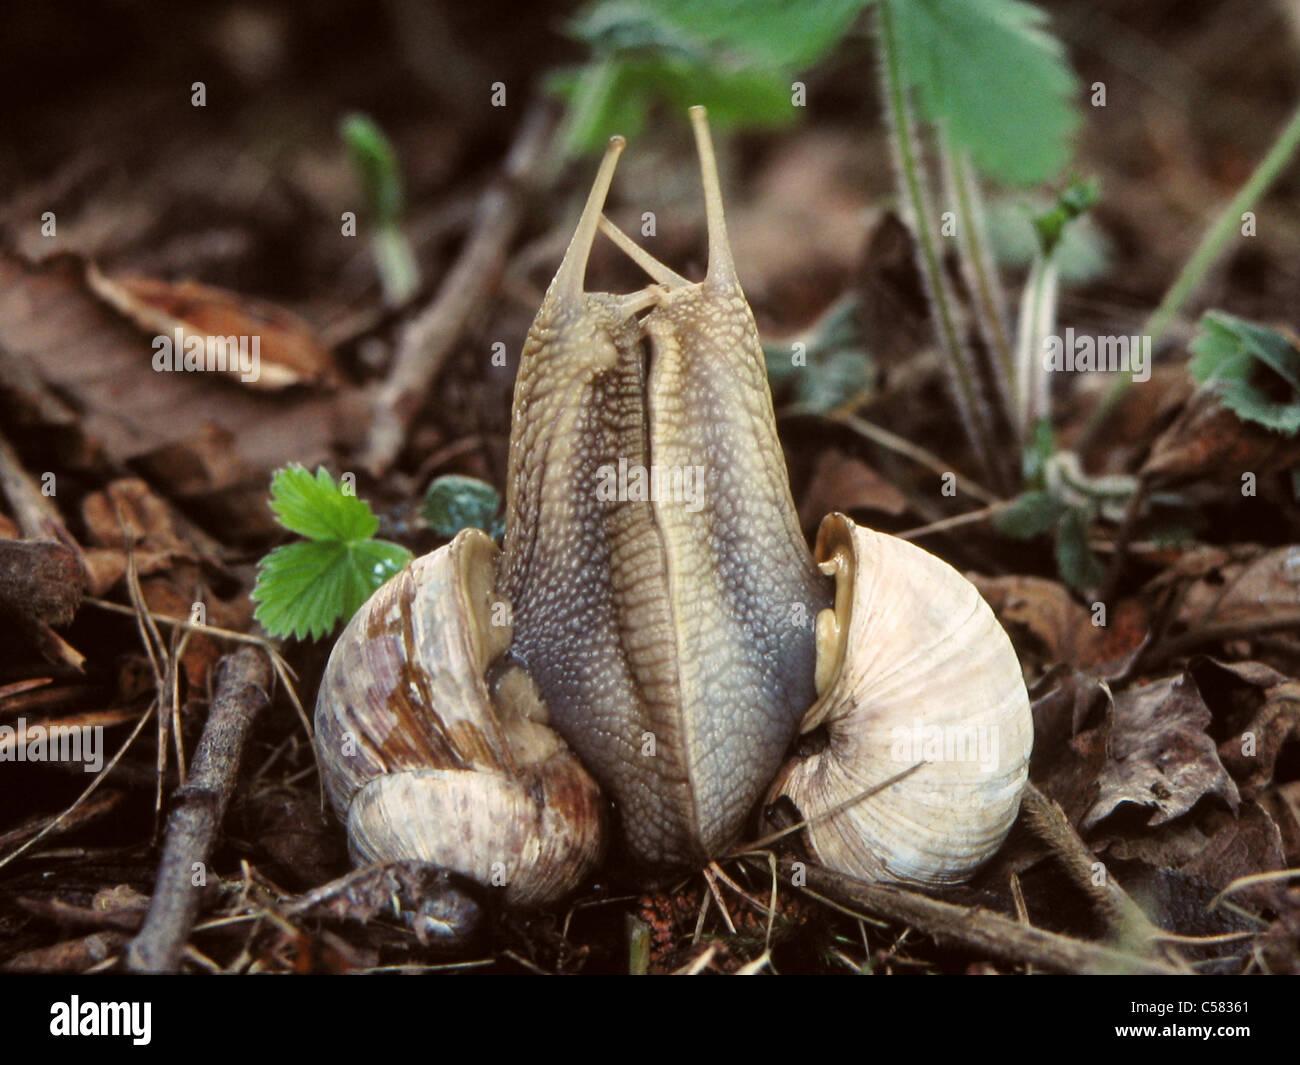 Tier, Schnecke, Paarung, essbare Schnecke, Helix Pomatia ...